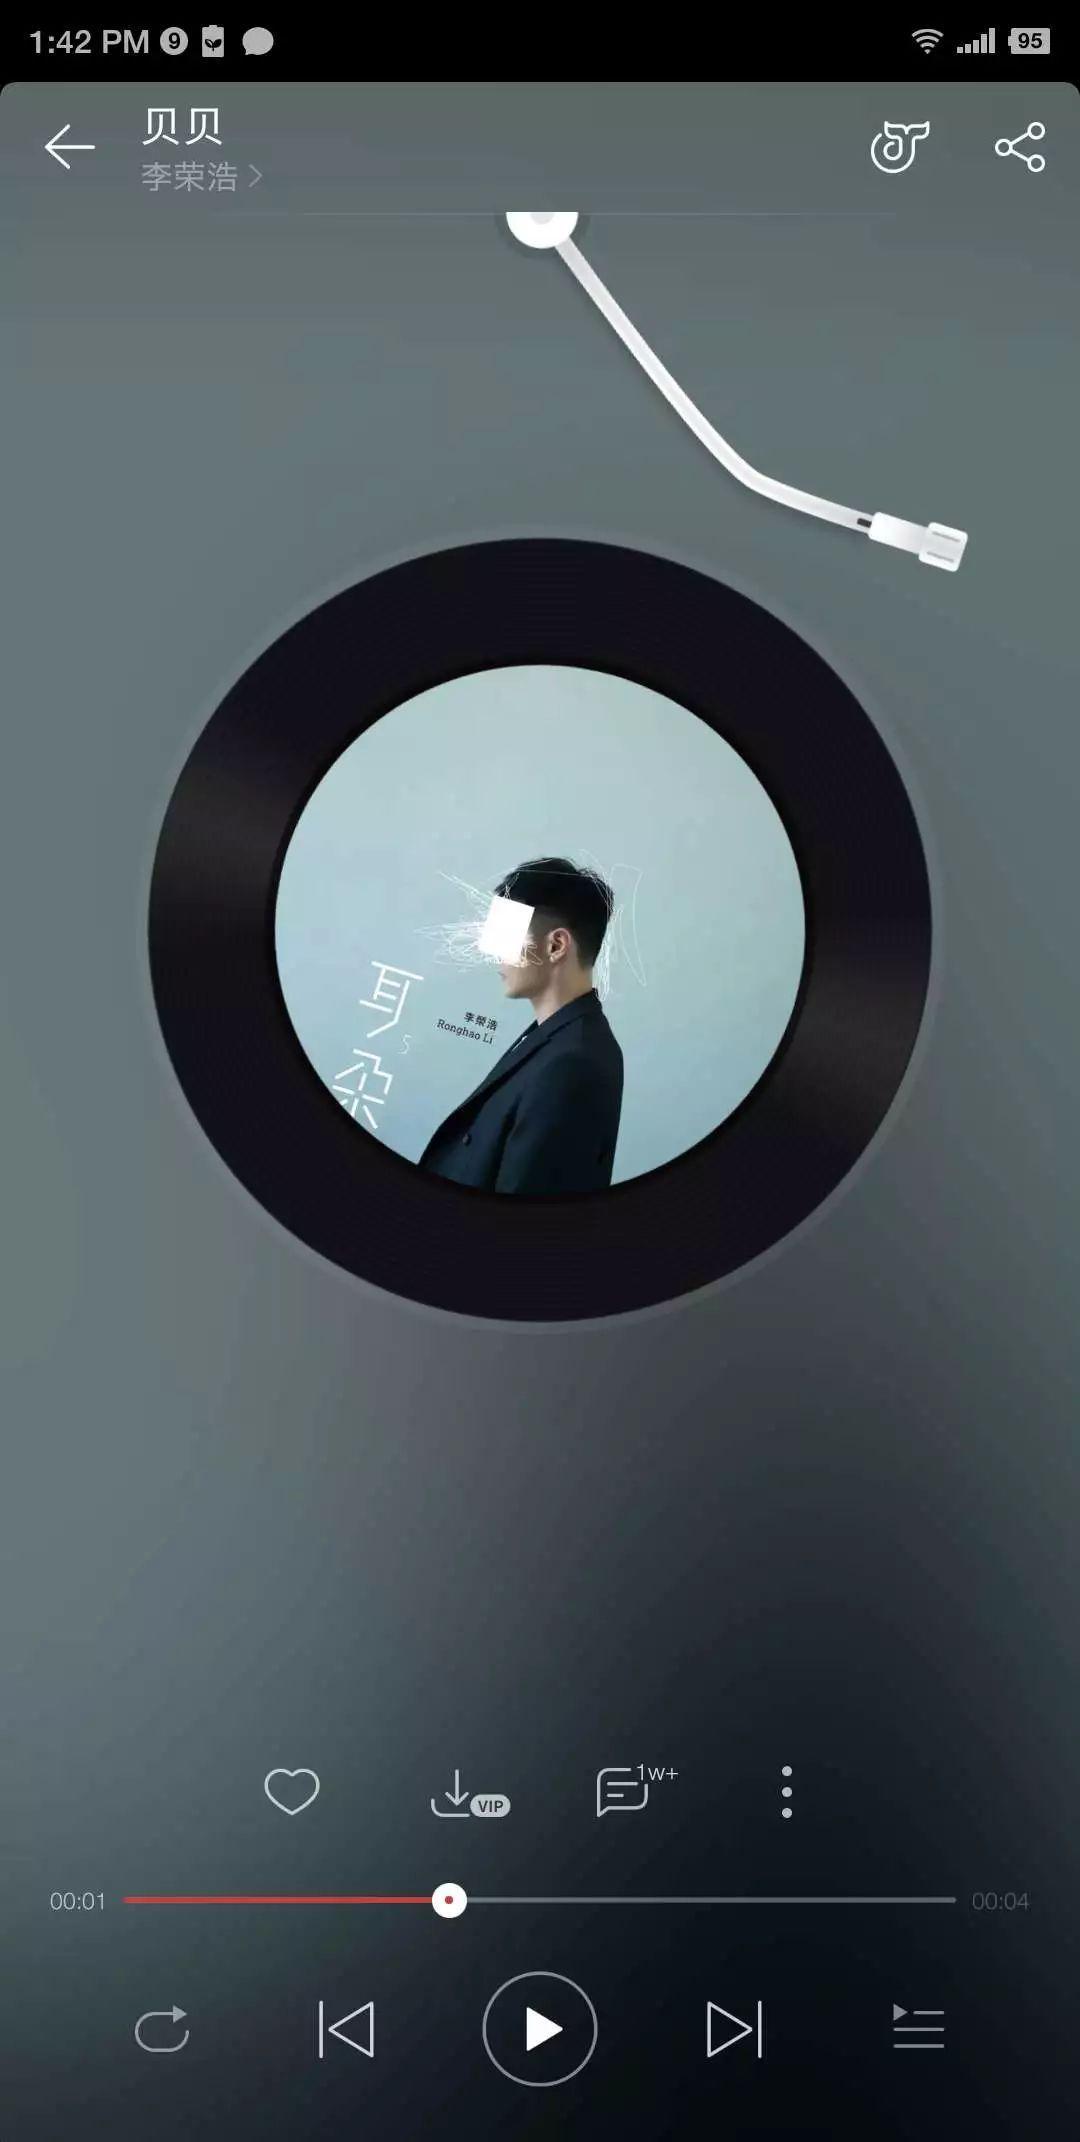 李荣浩新歌只有4秒,这个创意有点妙。